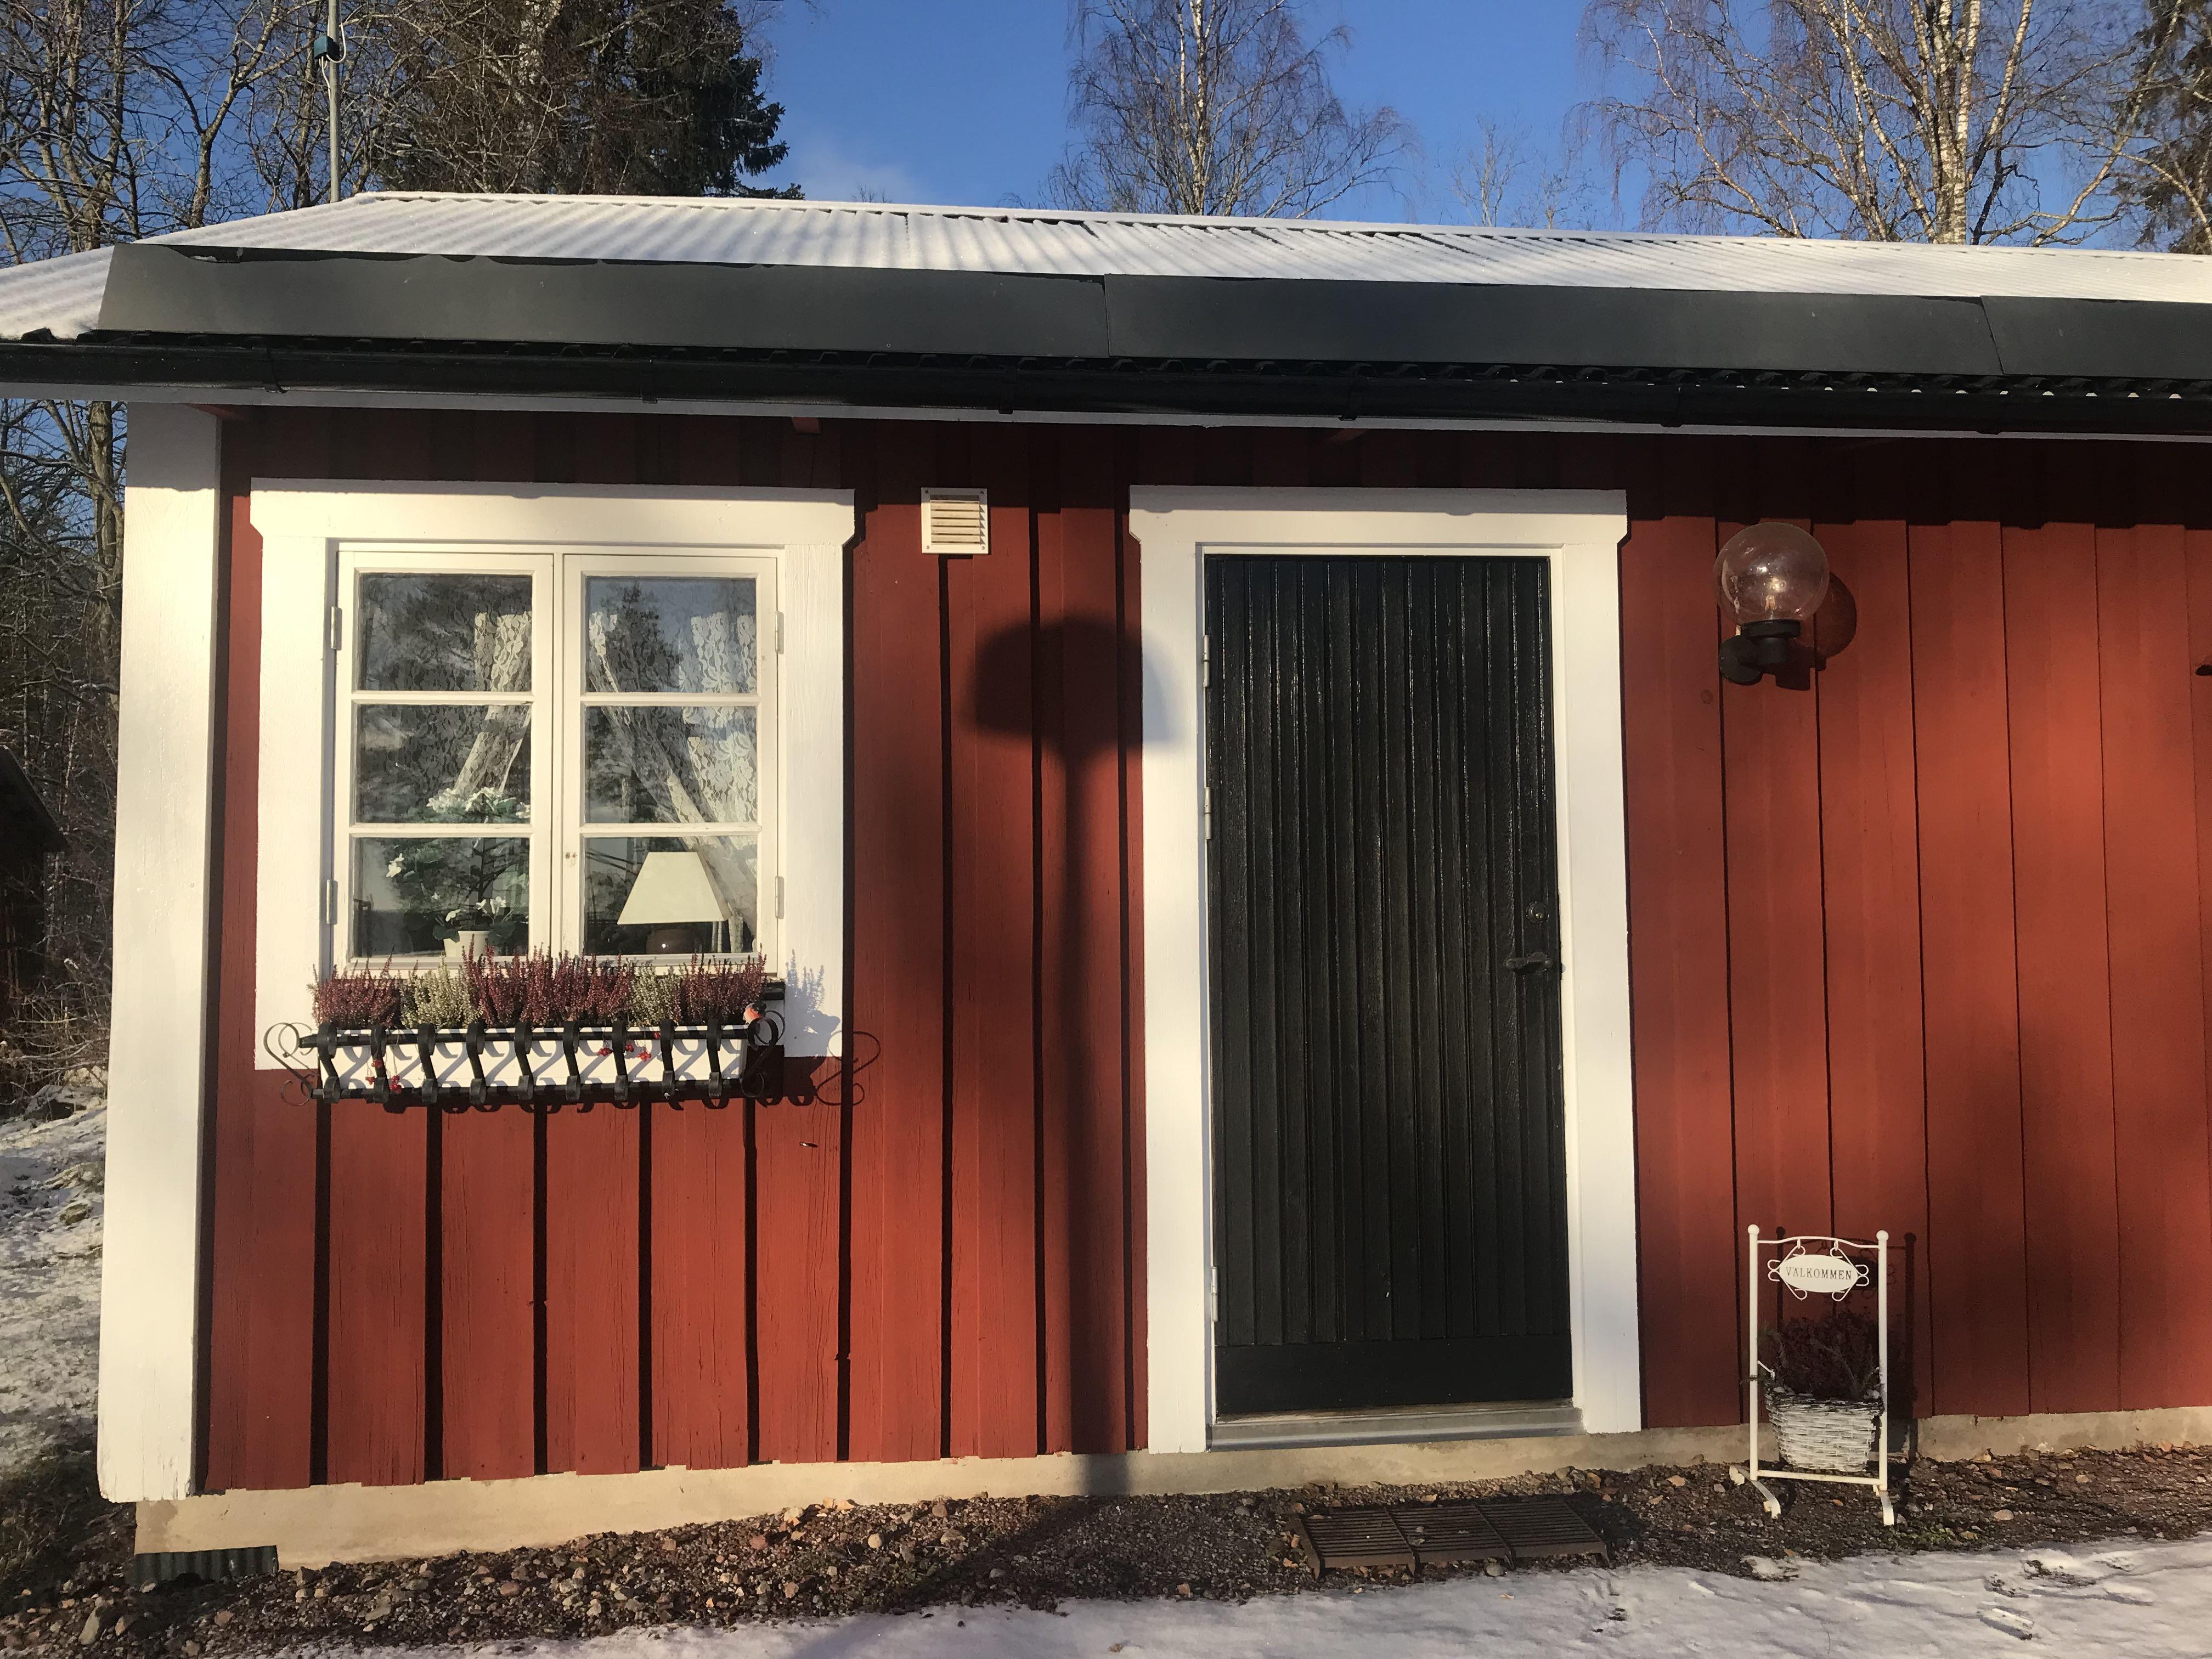 3011 Bondarvet, Fors